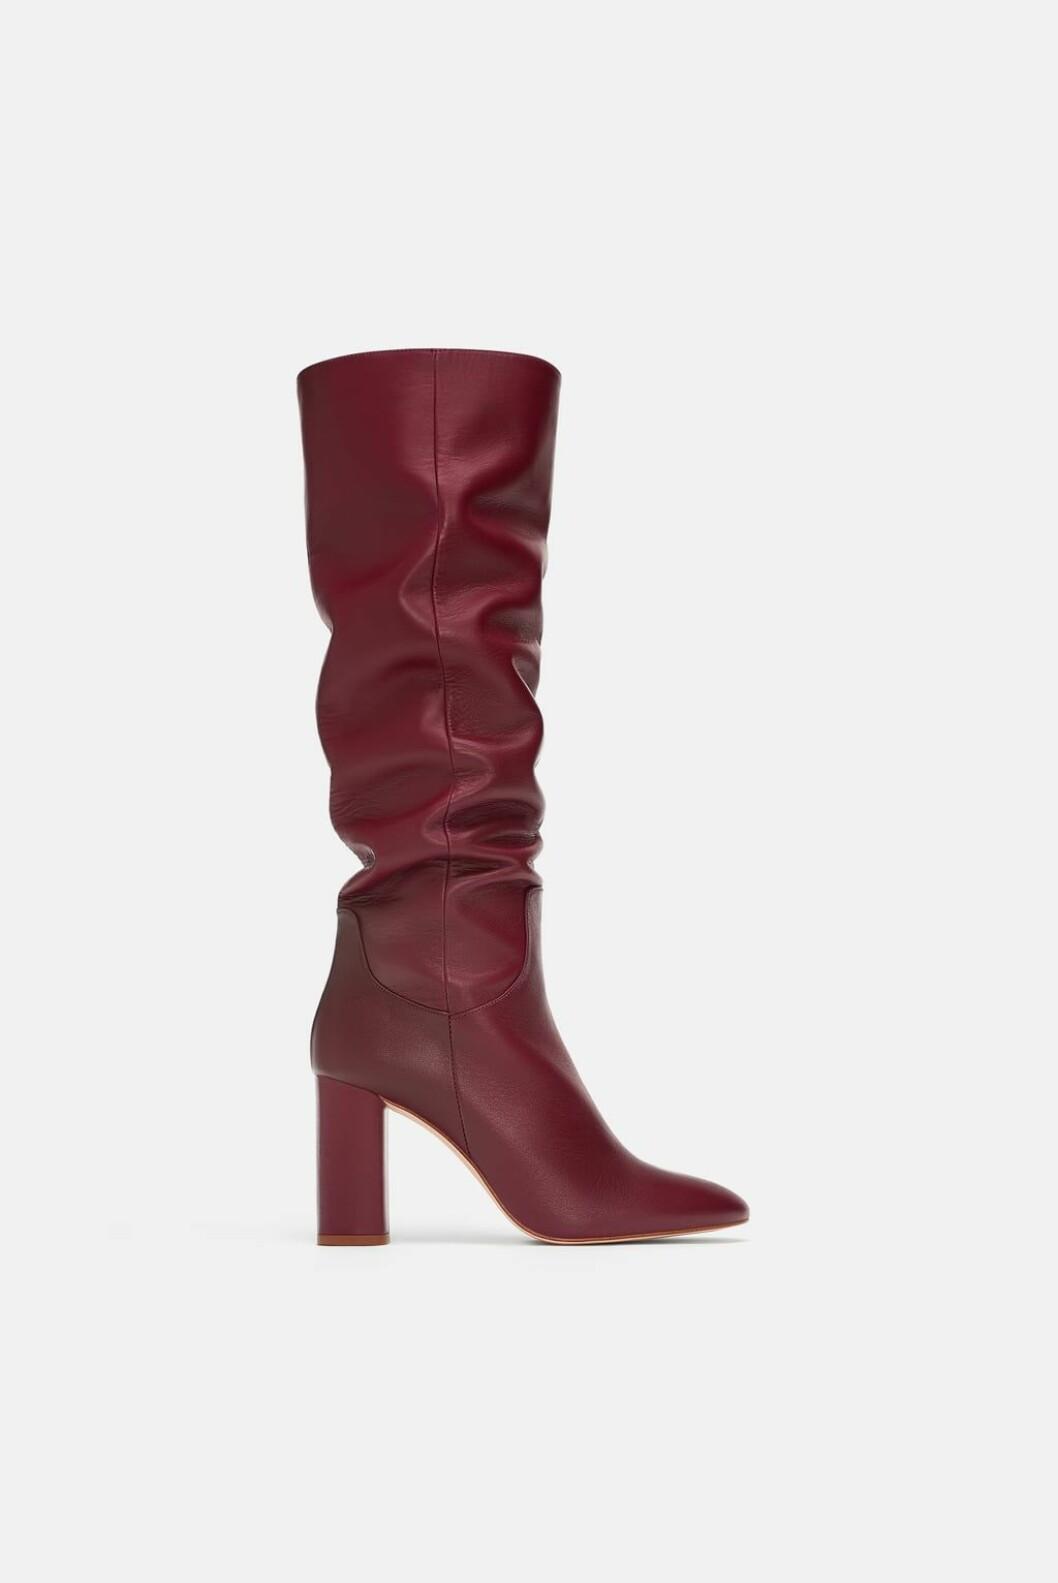 <strong>Støvletter fra Zara |500,-| https:</strong>//www.zara.com/no/no/h%C3%B8yh%C3%A6lt-skinnst%C3%B8vel-p16015301.html?v1=8739122&v2=1177663